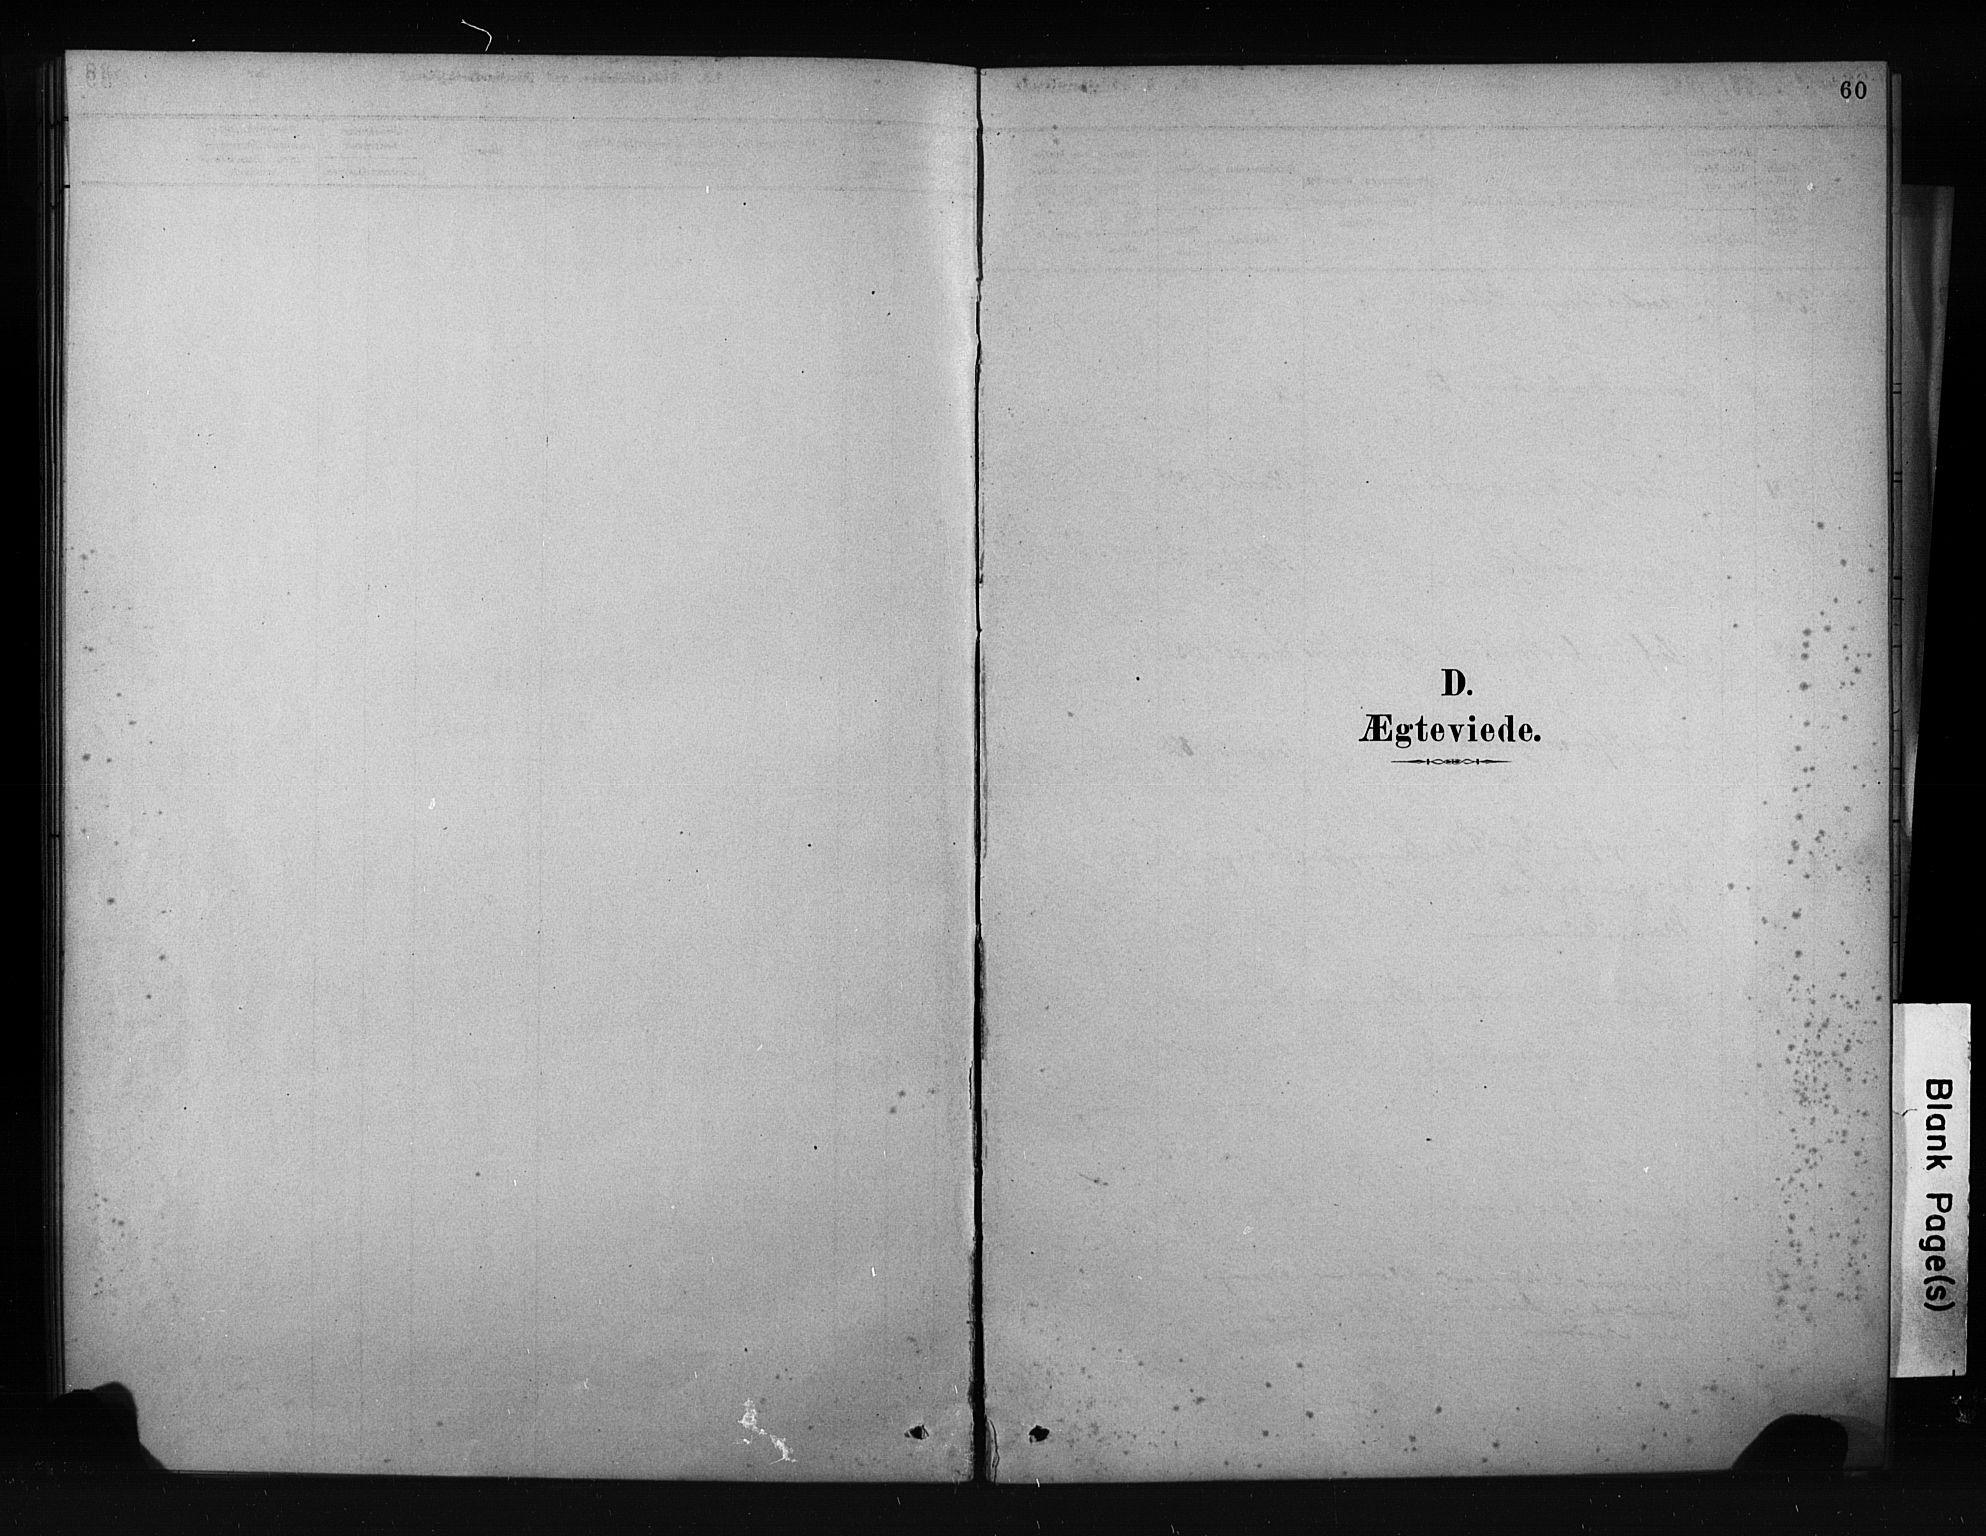 SAKO, Porsgrunn kirkebøker , F/Fa/L0009: Ministerialbok nr. 9, 1878-1923, s. 60